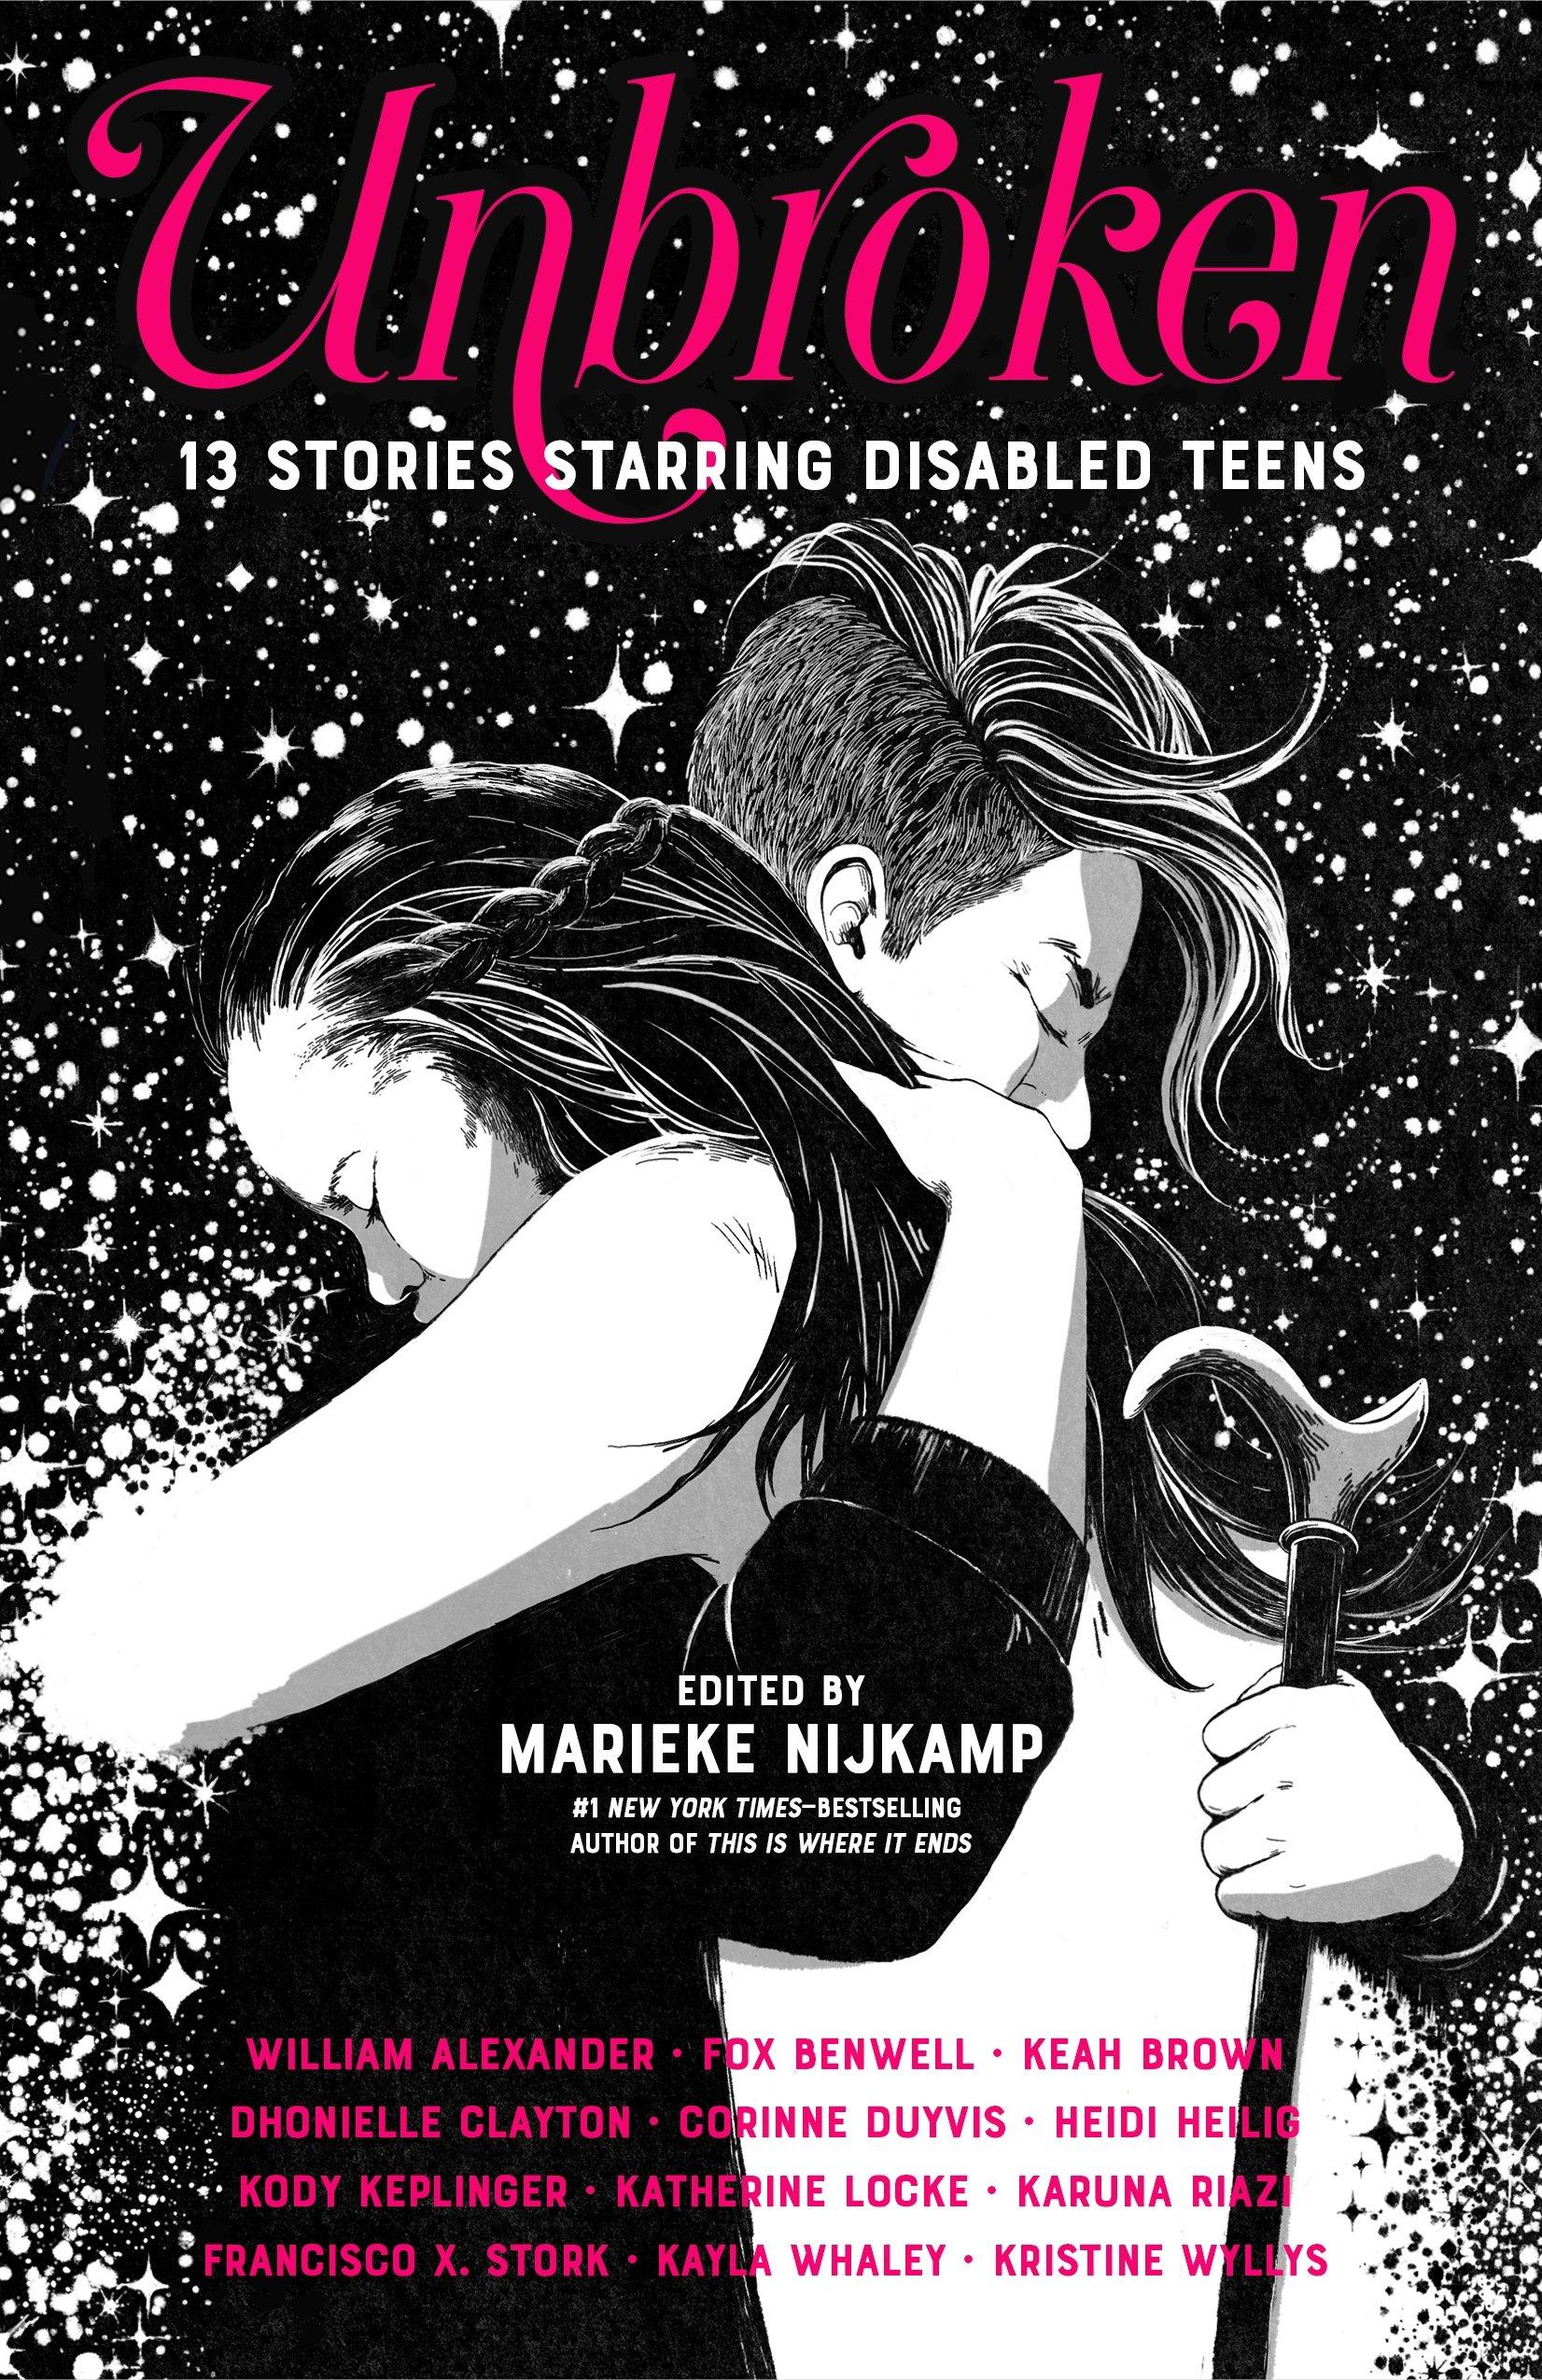 Amazon.com: Unbroken: 13 Stories Starring Disabled Teens (9780374306502):  Nijkamp, Marieke: Books